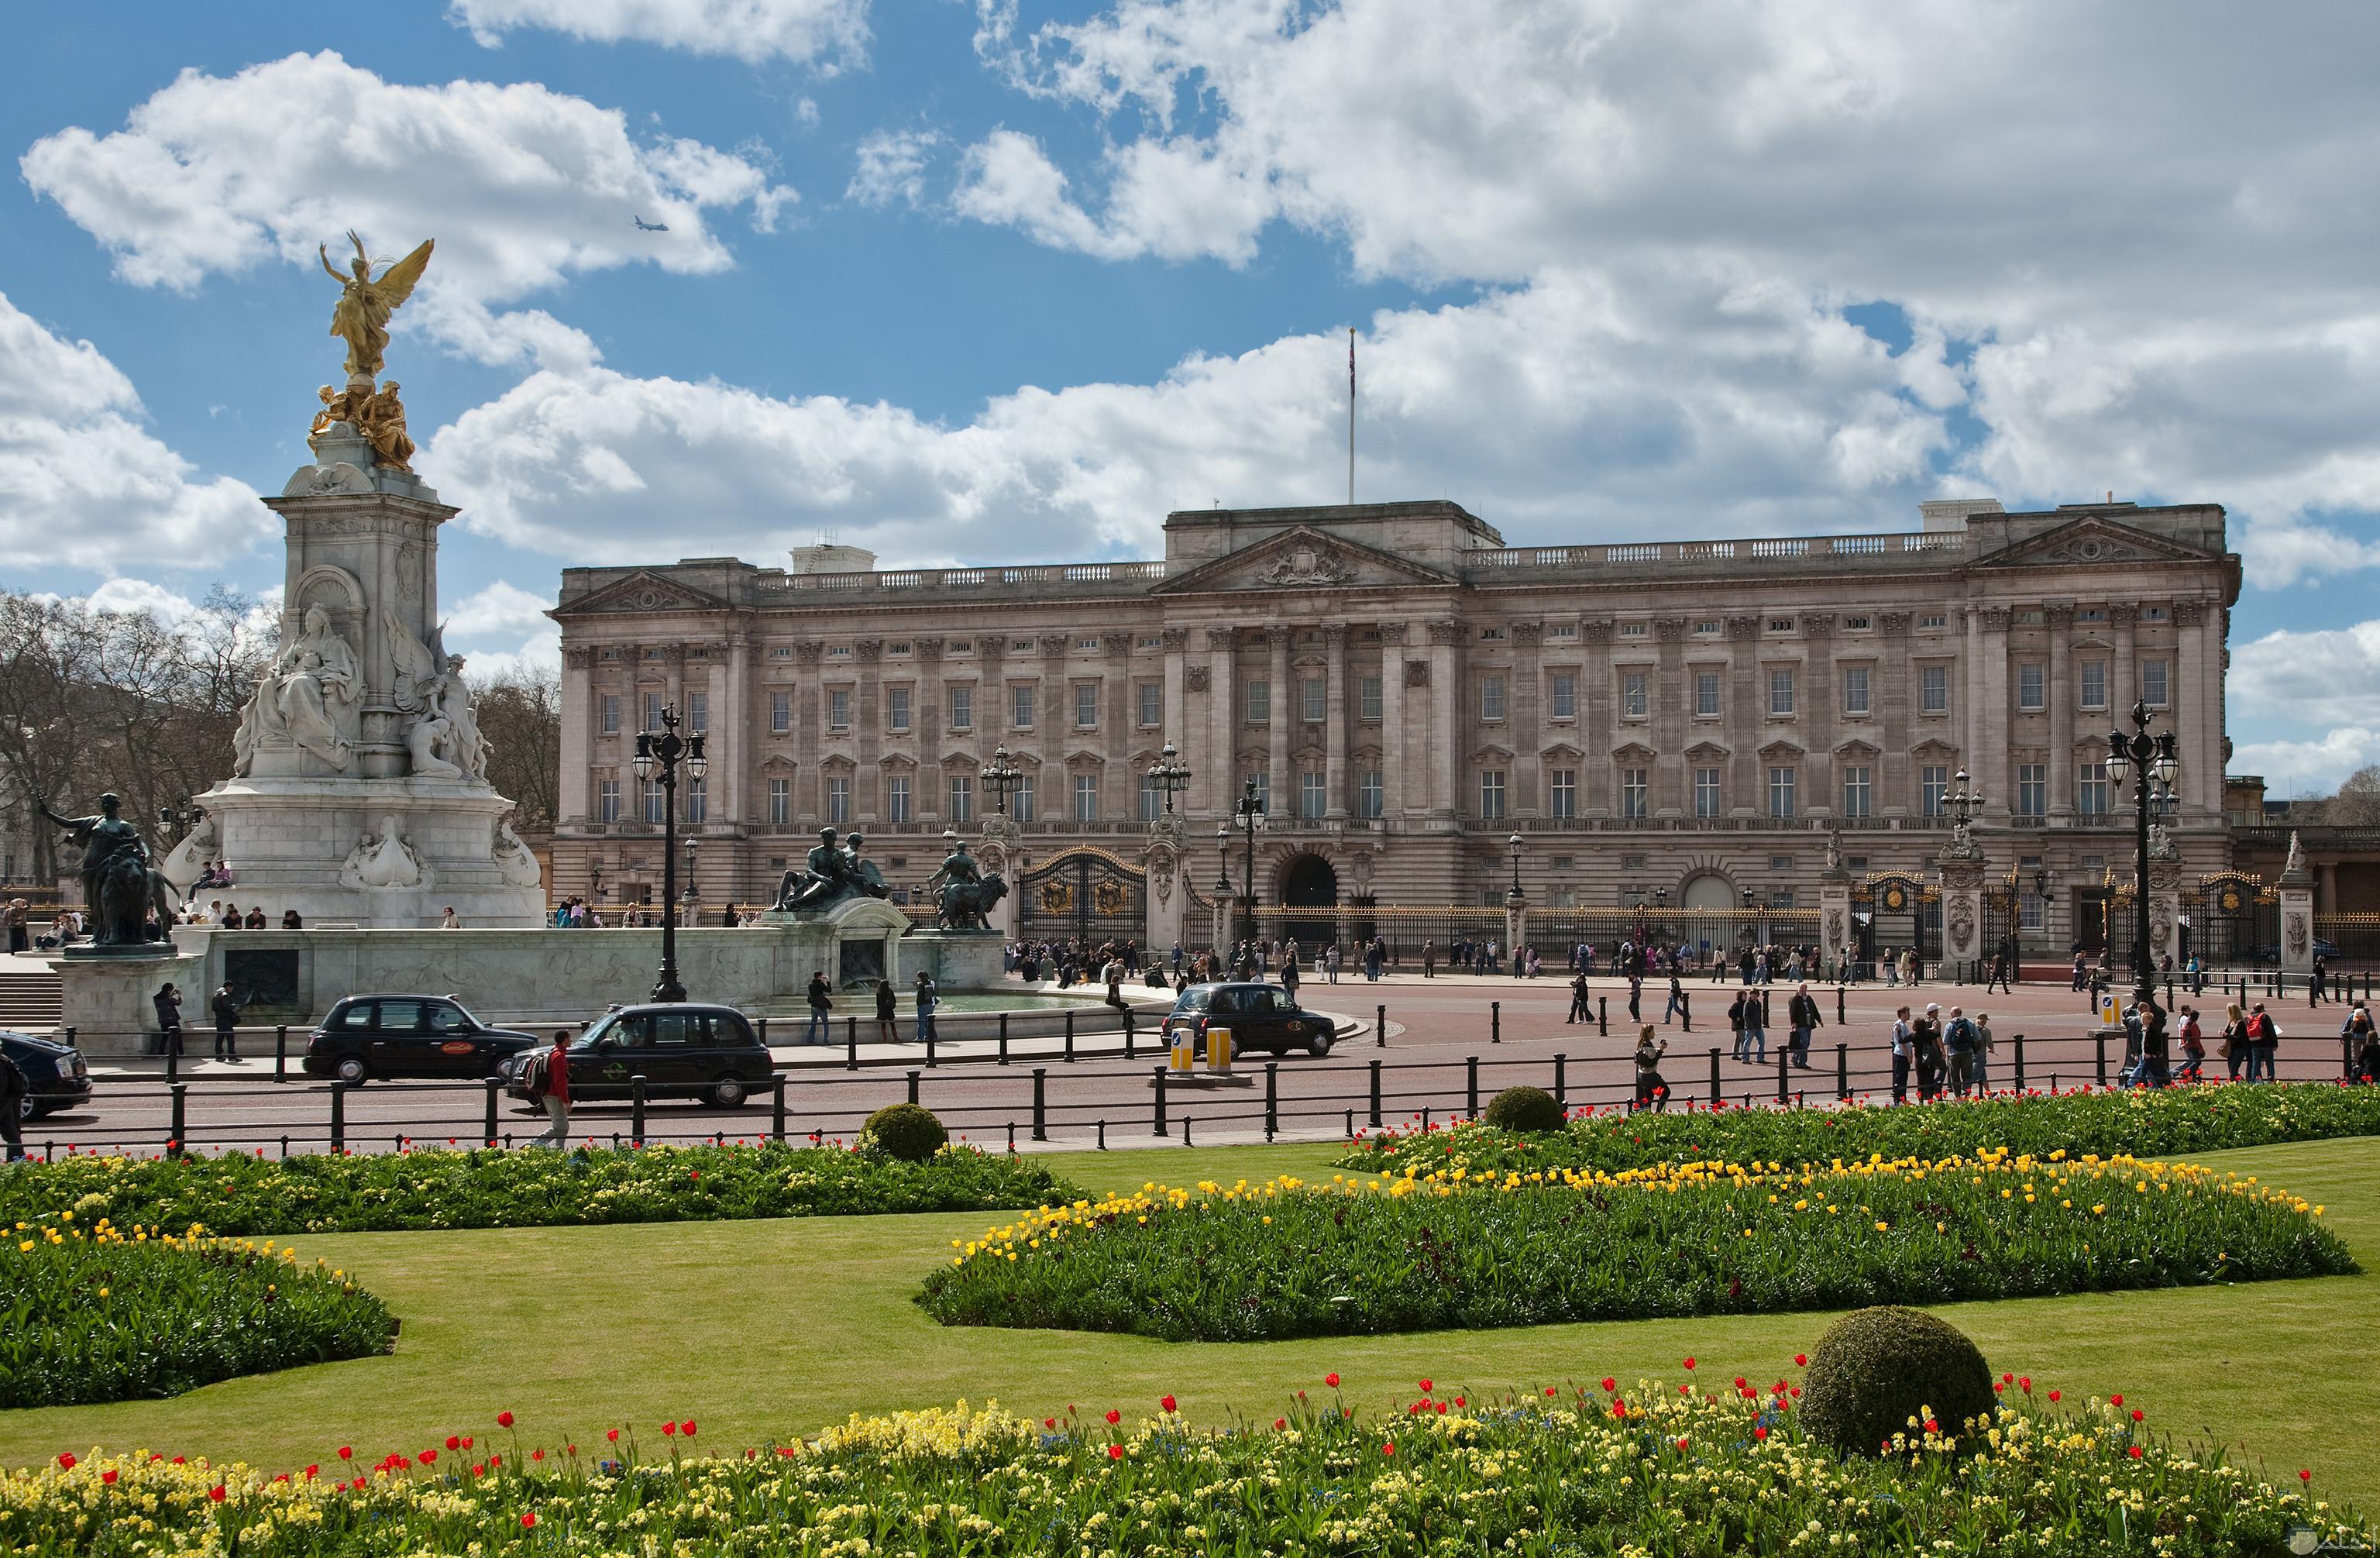 صورة لقصر باكنجهام من المعالم الجميلة التي تتميز بها بريطانيا